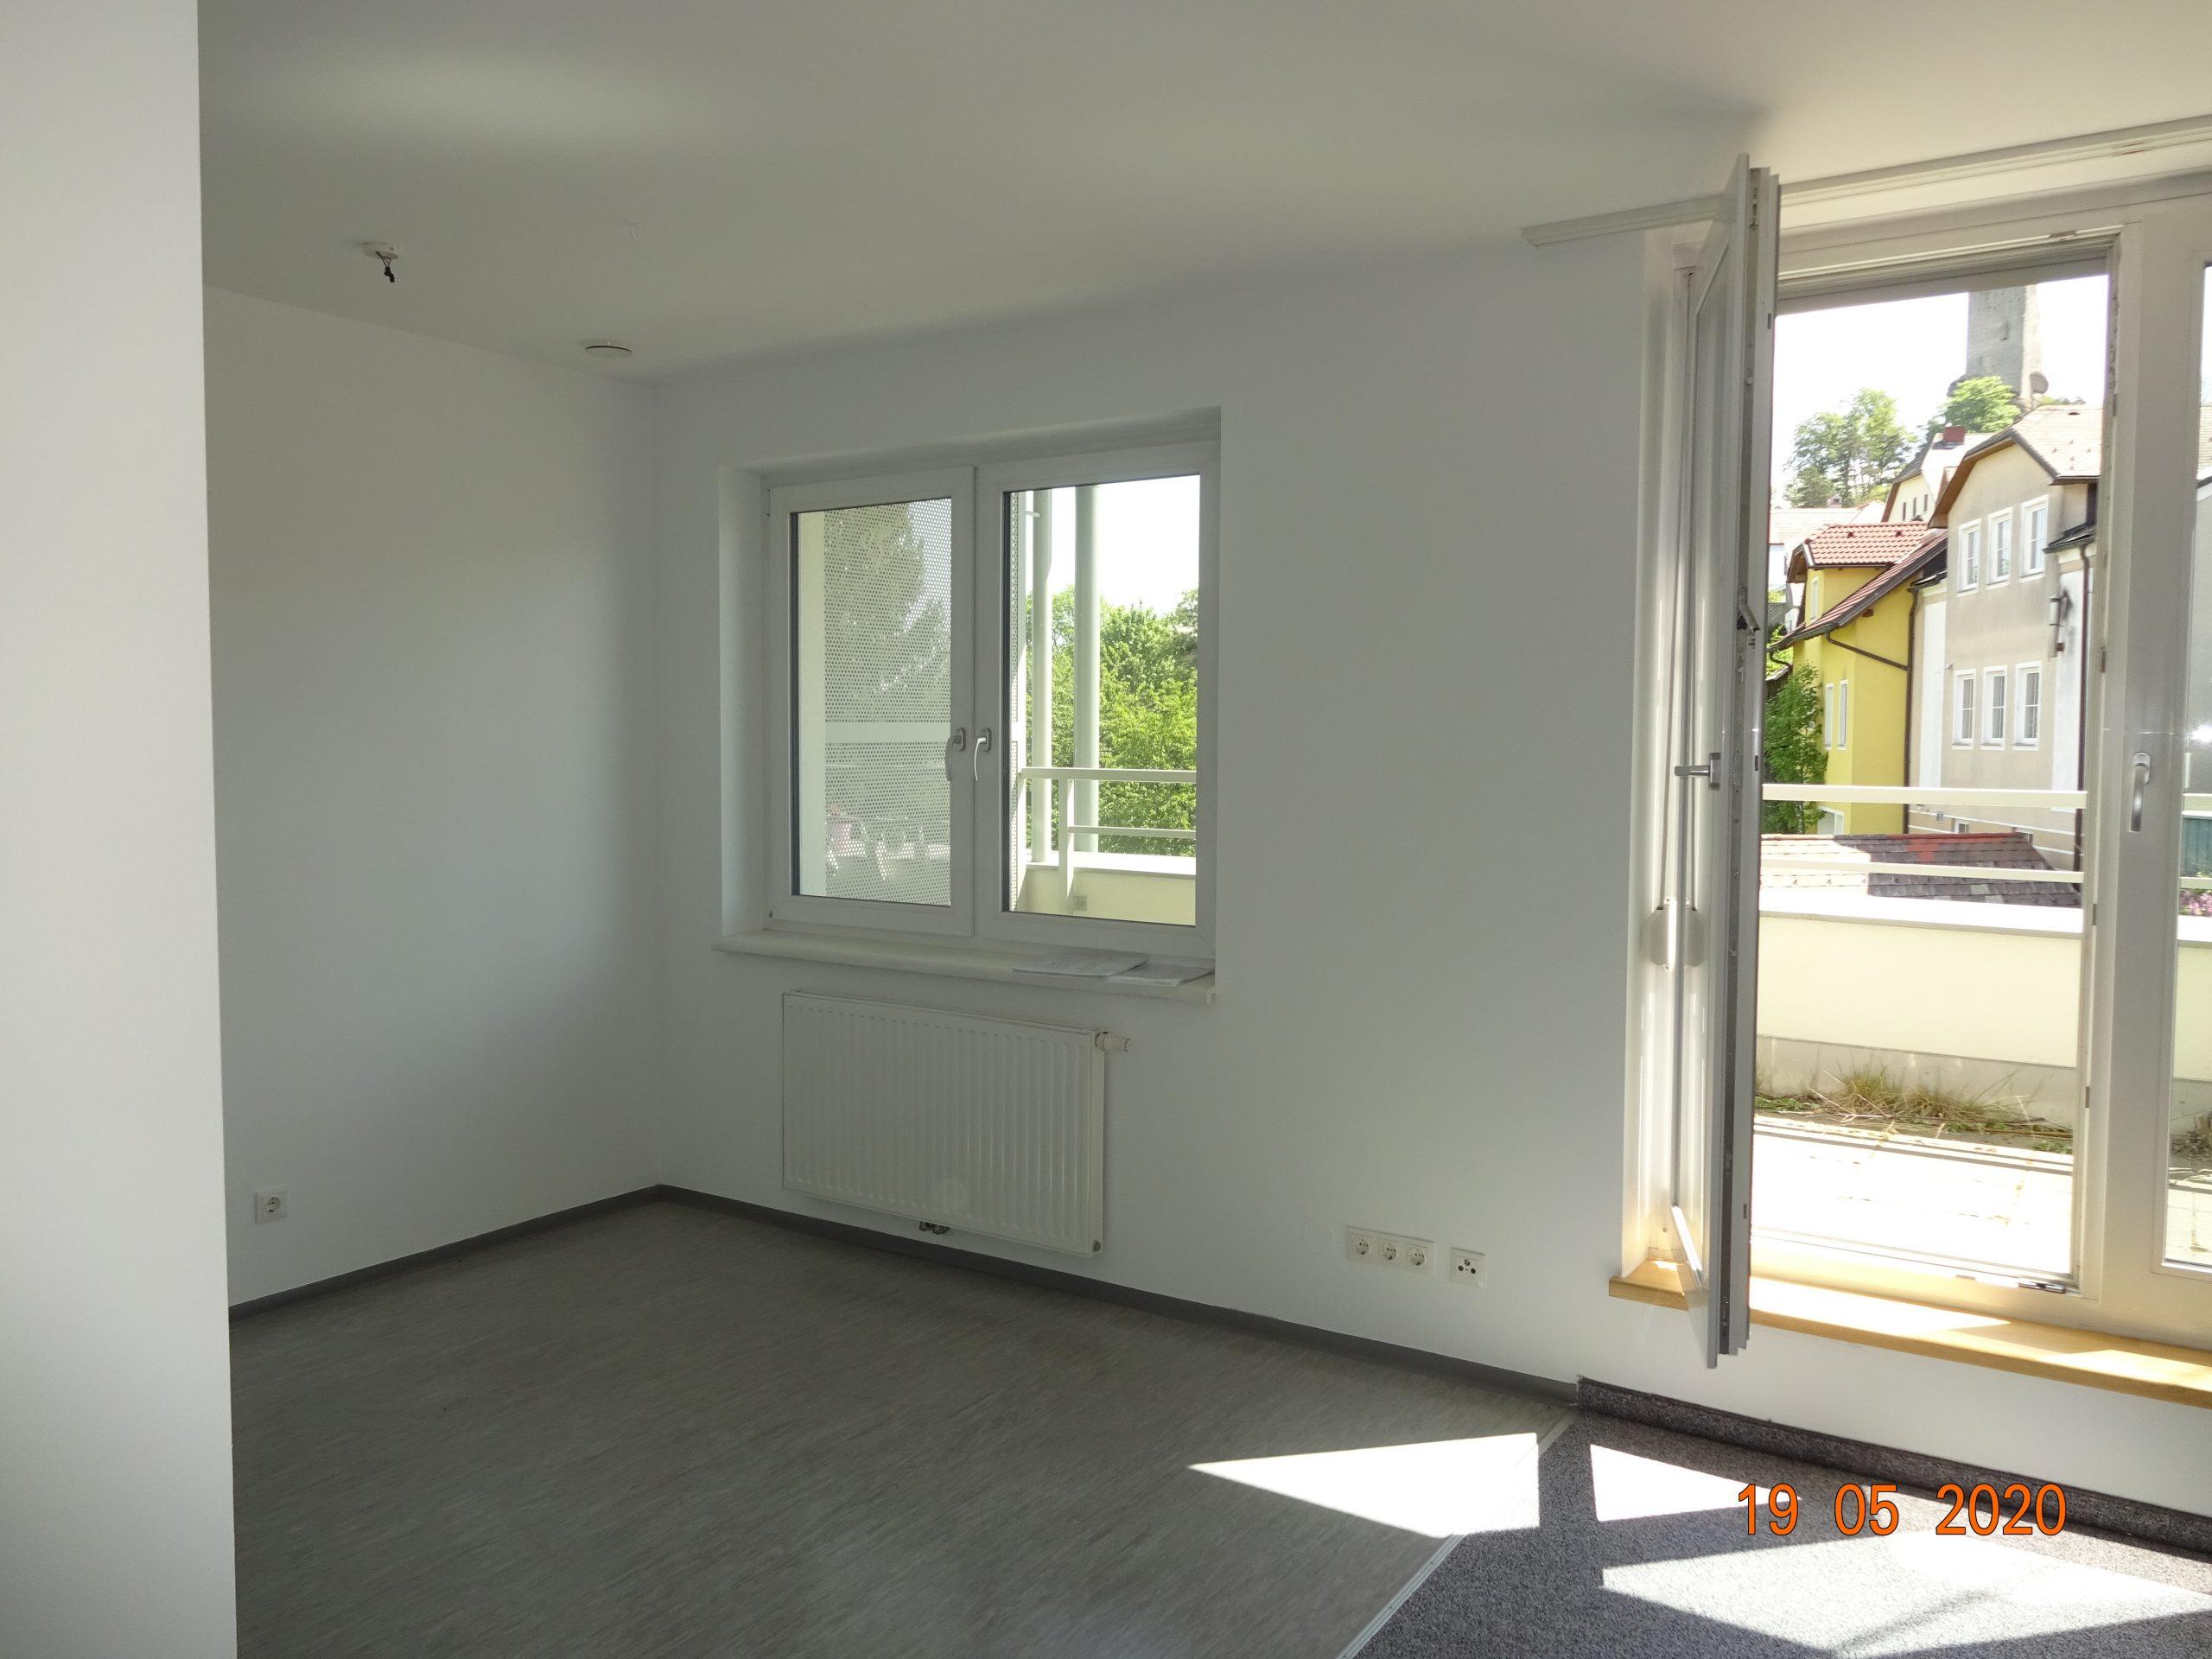 Immobilie von Kamptal in 3925 Arbesbach, Zwettl, Arbesbach II - Top 7 #2